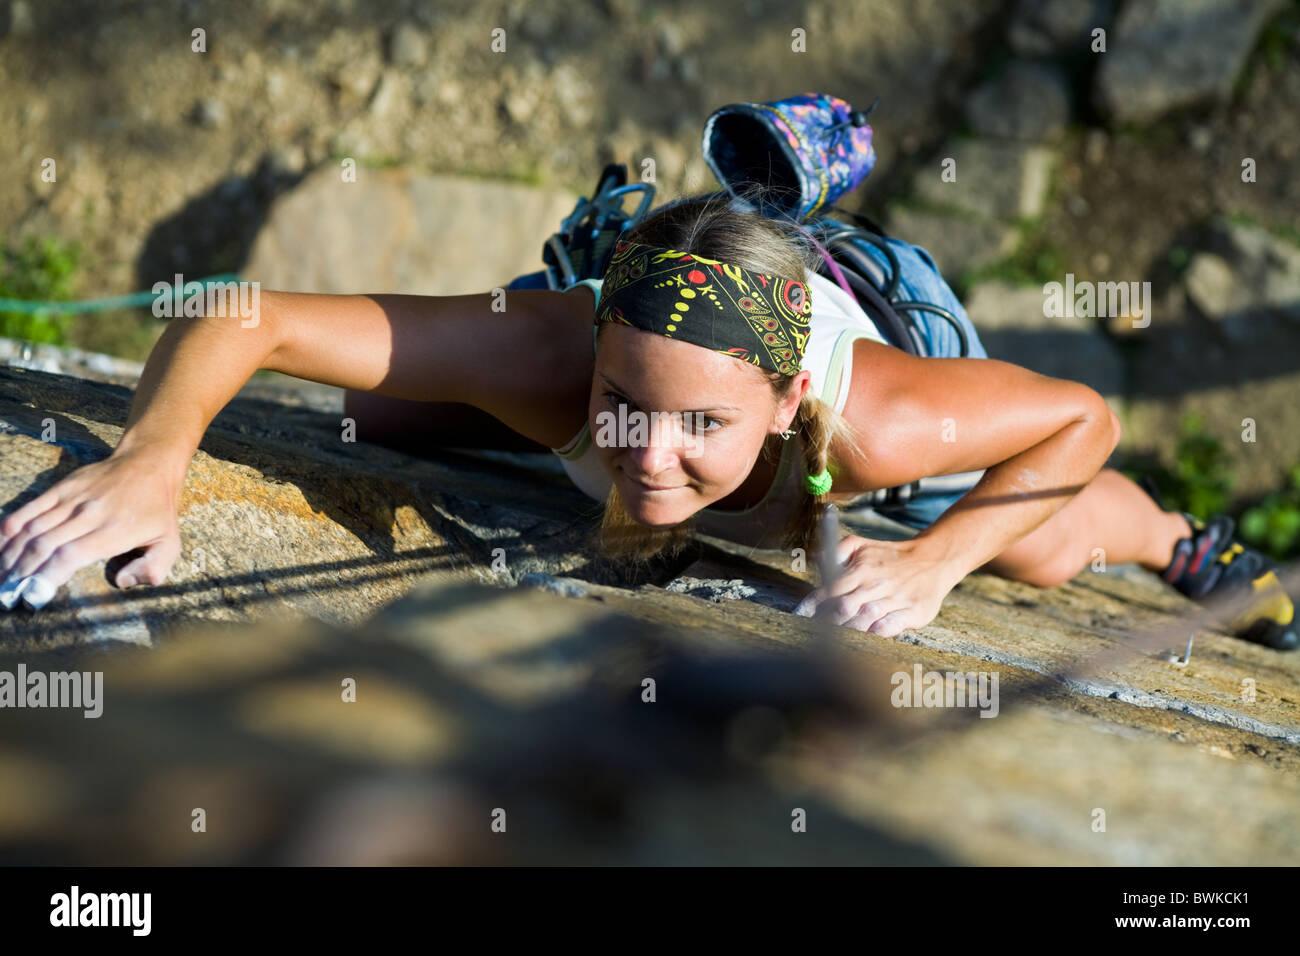 Foto von Frau herzlich Klettern am Berg Stockbild